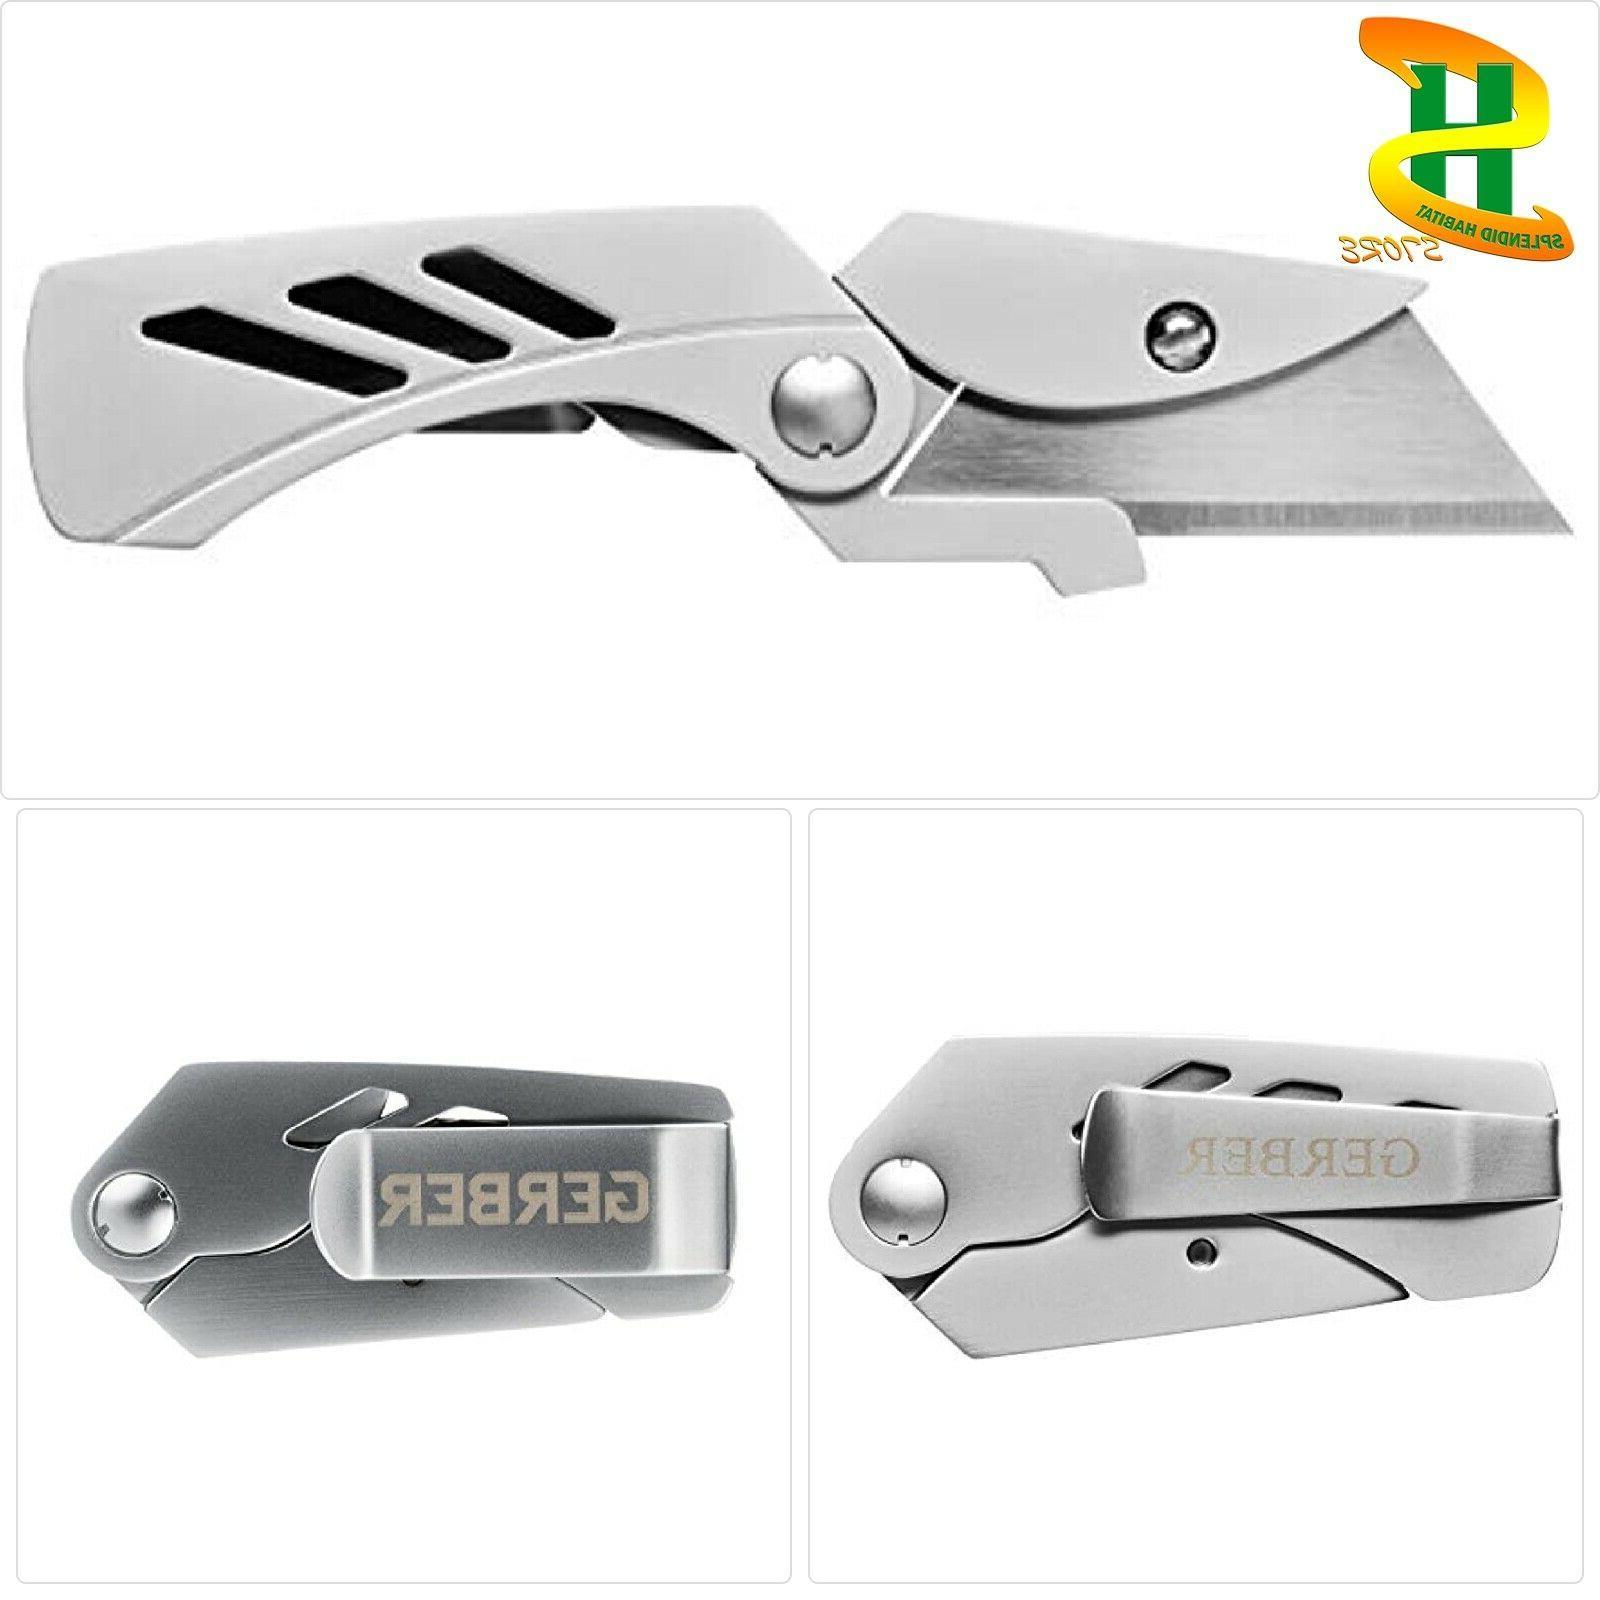 eab lite pocket knife 31 000345 white